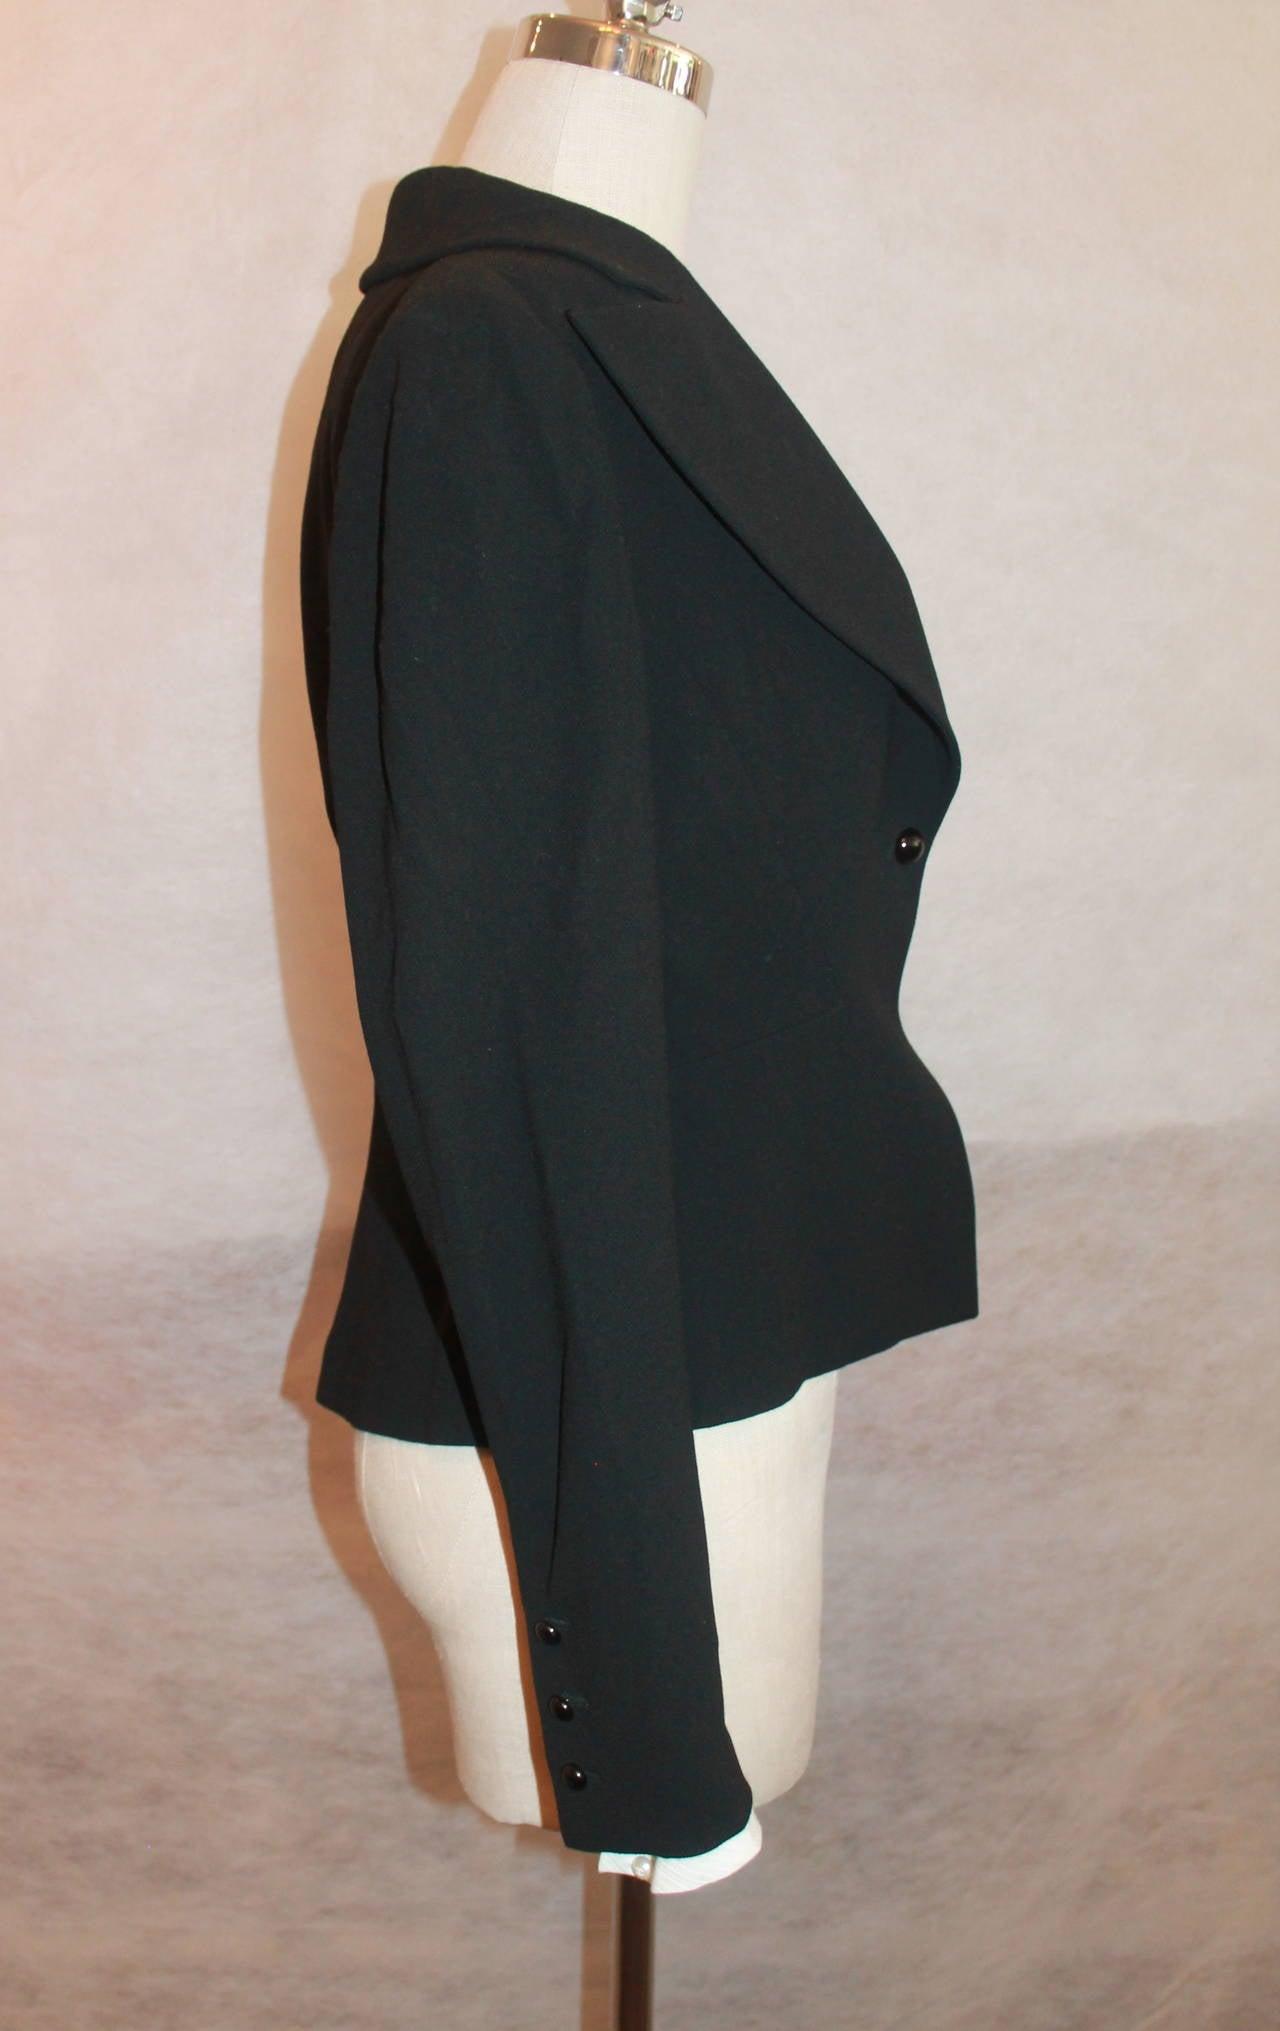 Chanel Black Wool Tuxedo Style Jacket - 40 - NWT 5